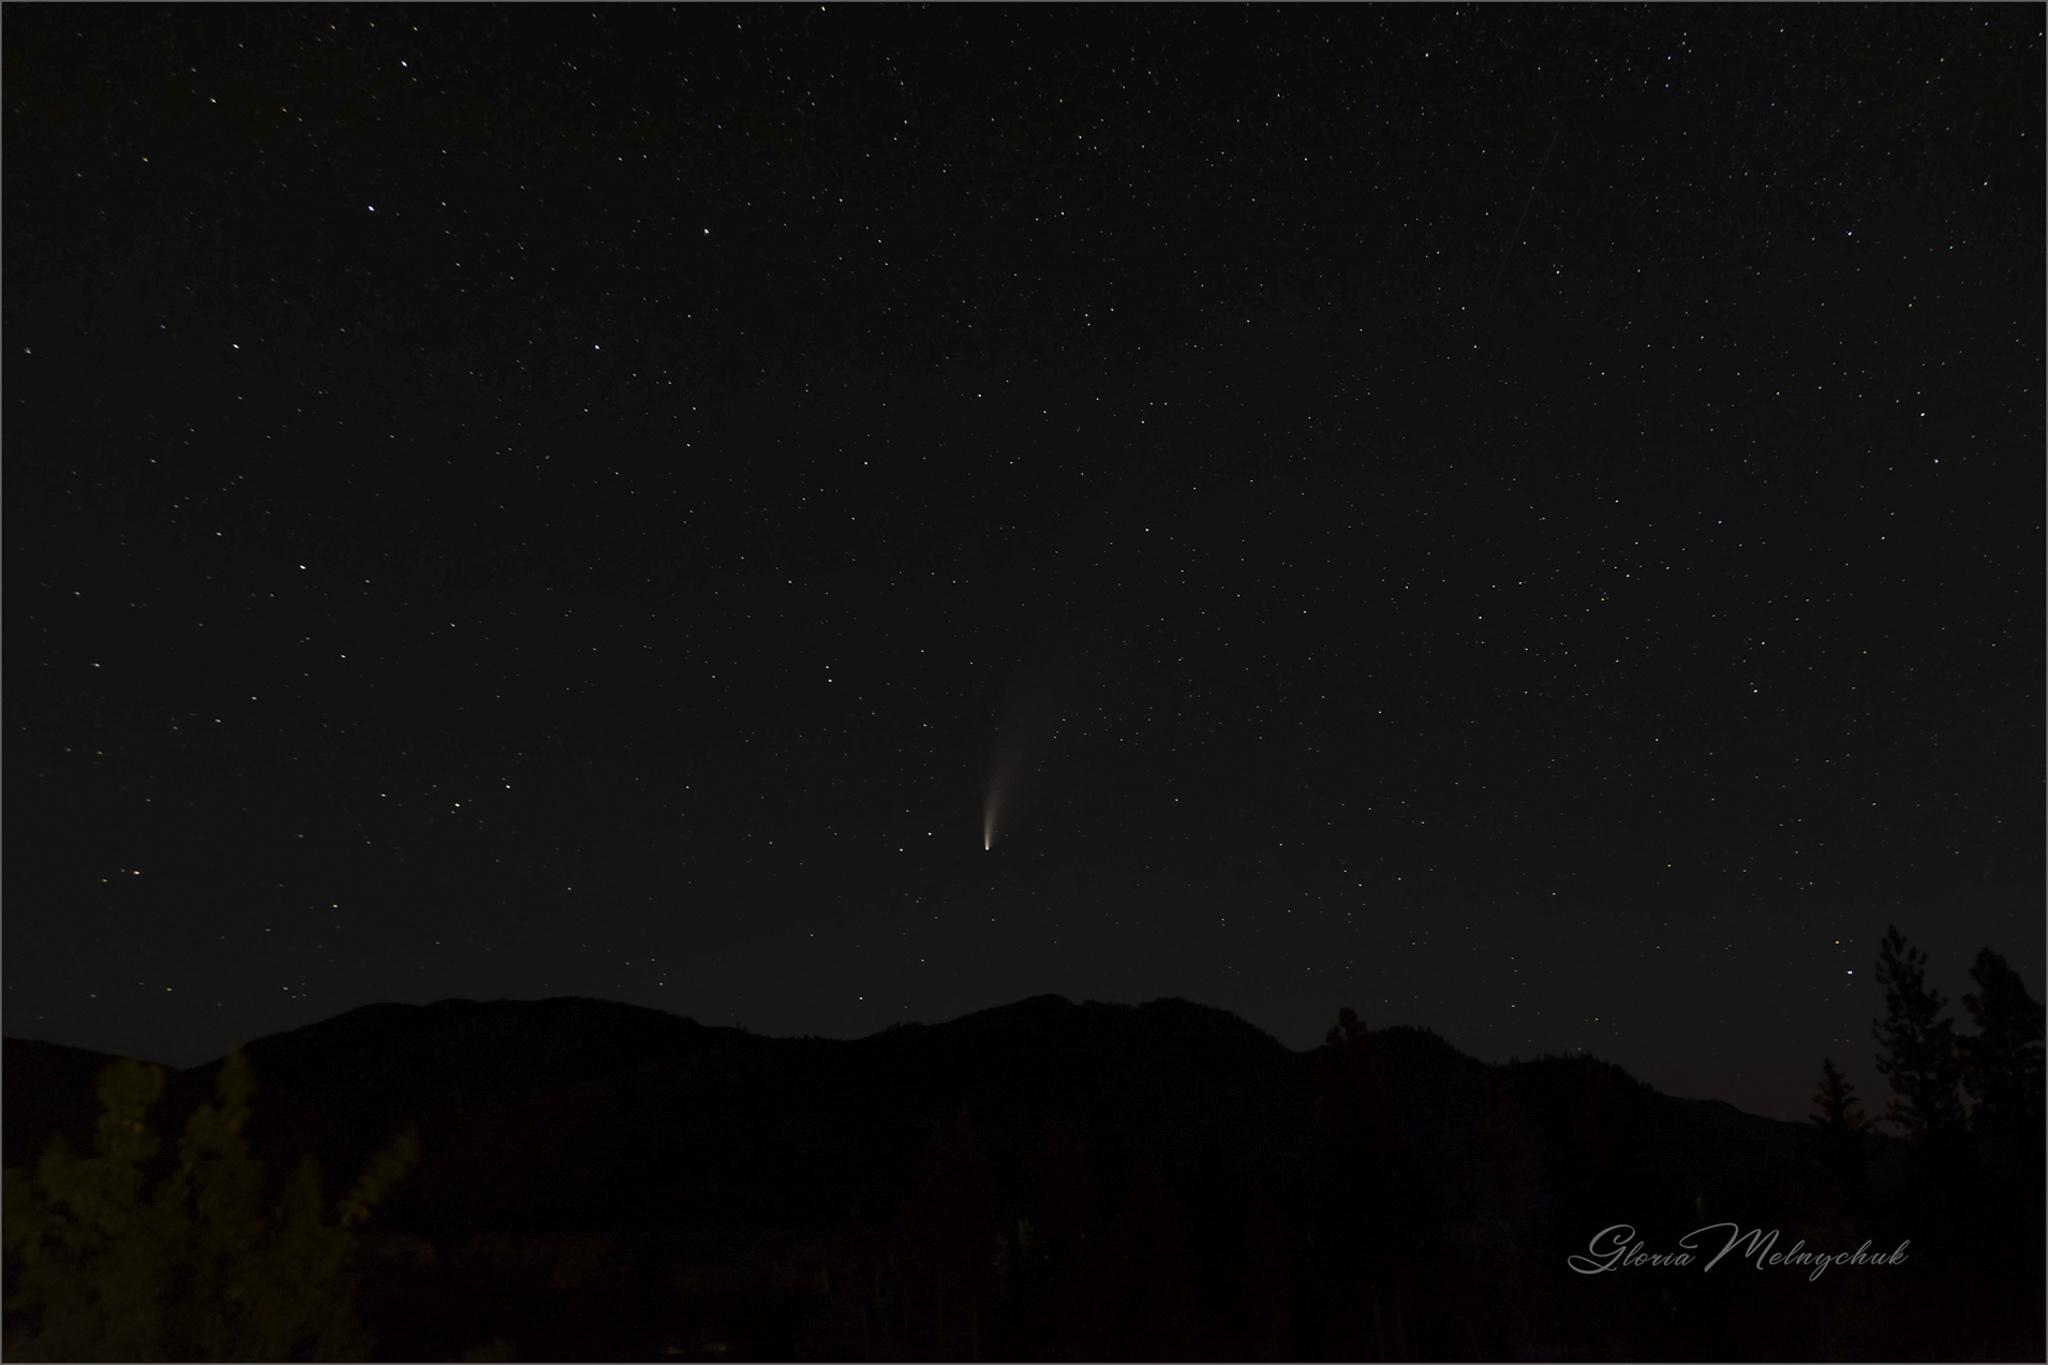 Comet Neowise_WGP4386-120 - Gloria Melnychuk